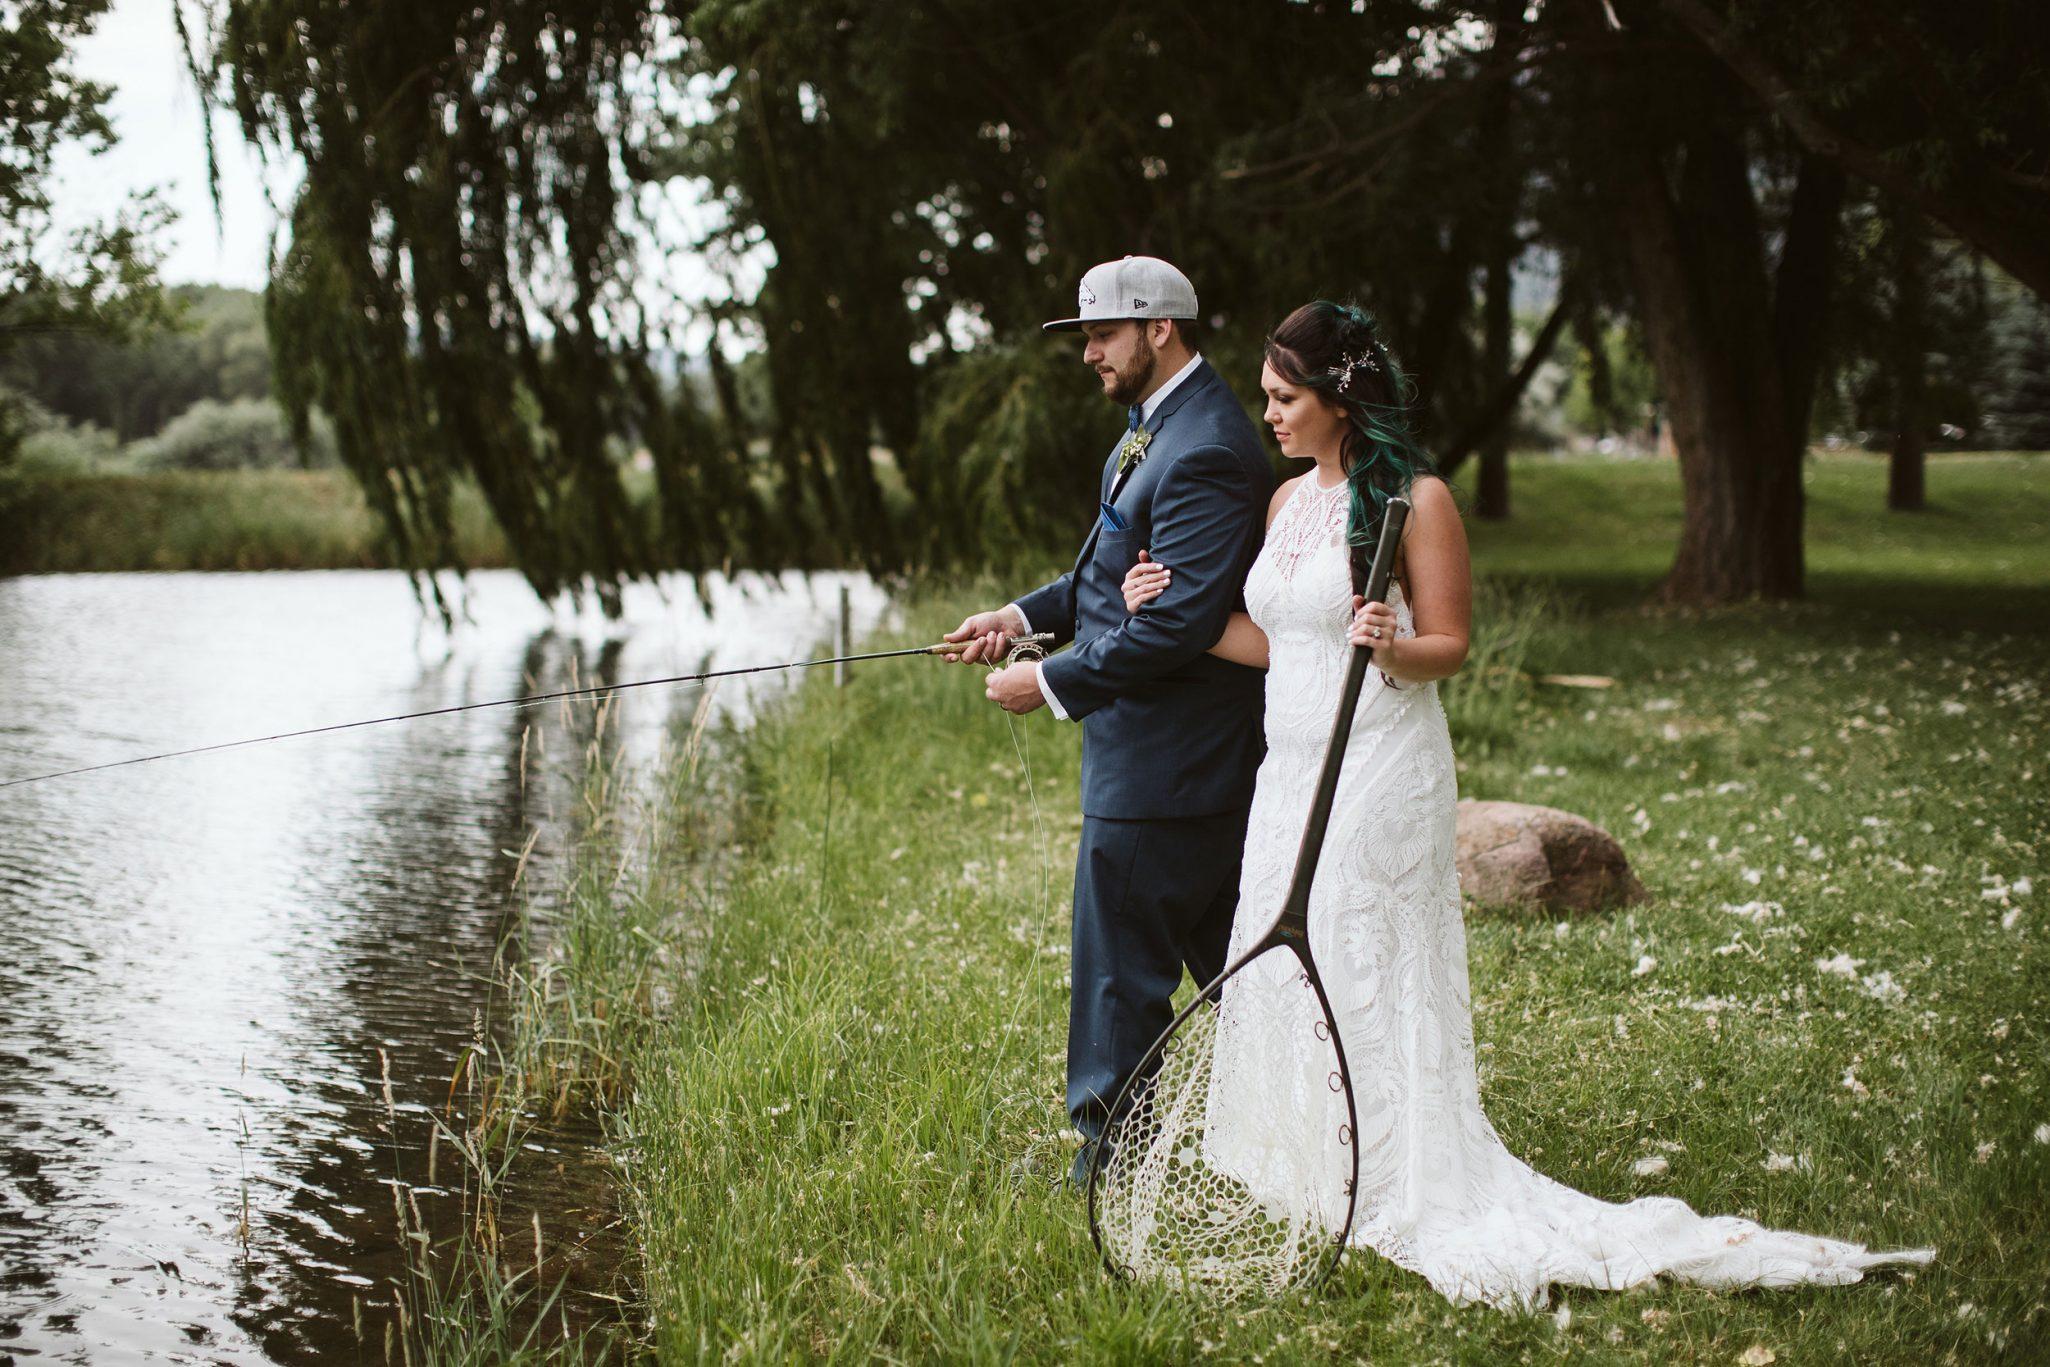 Bride & Groom fishing